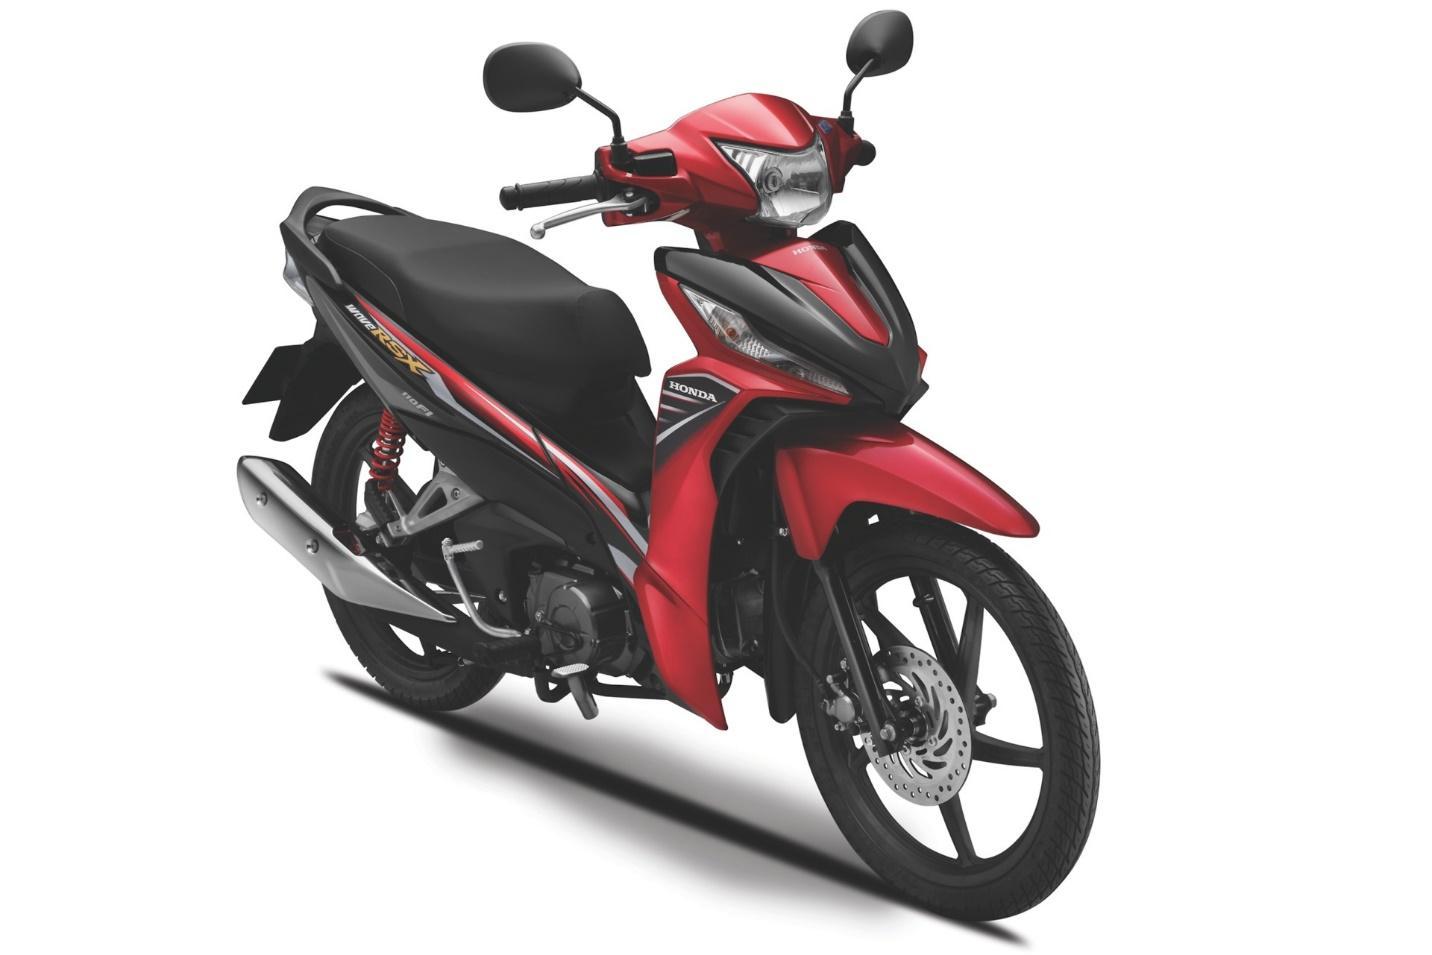 Giới thiệu dịch vụ cho thuê xe máy tại Quy Nhơn mà bạn không nên bỏ lỡ